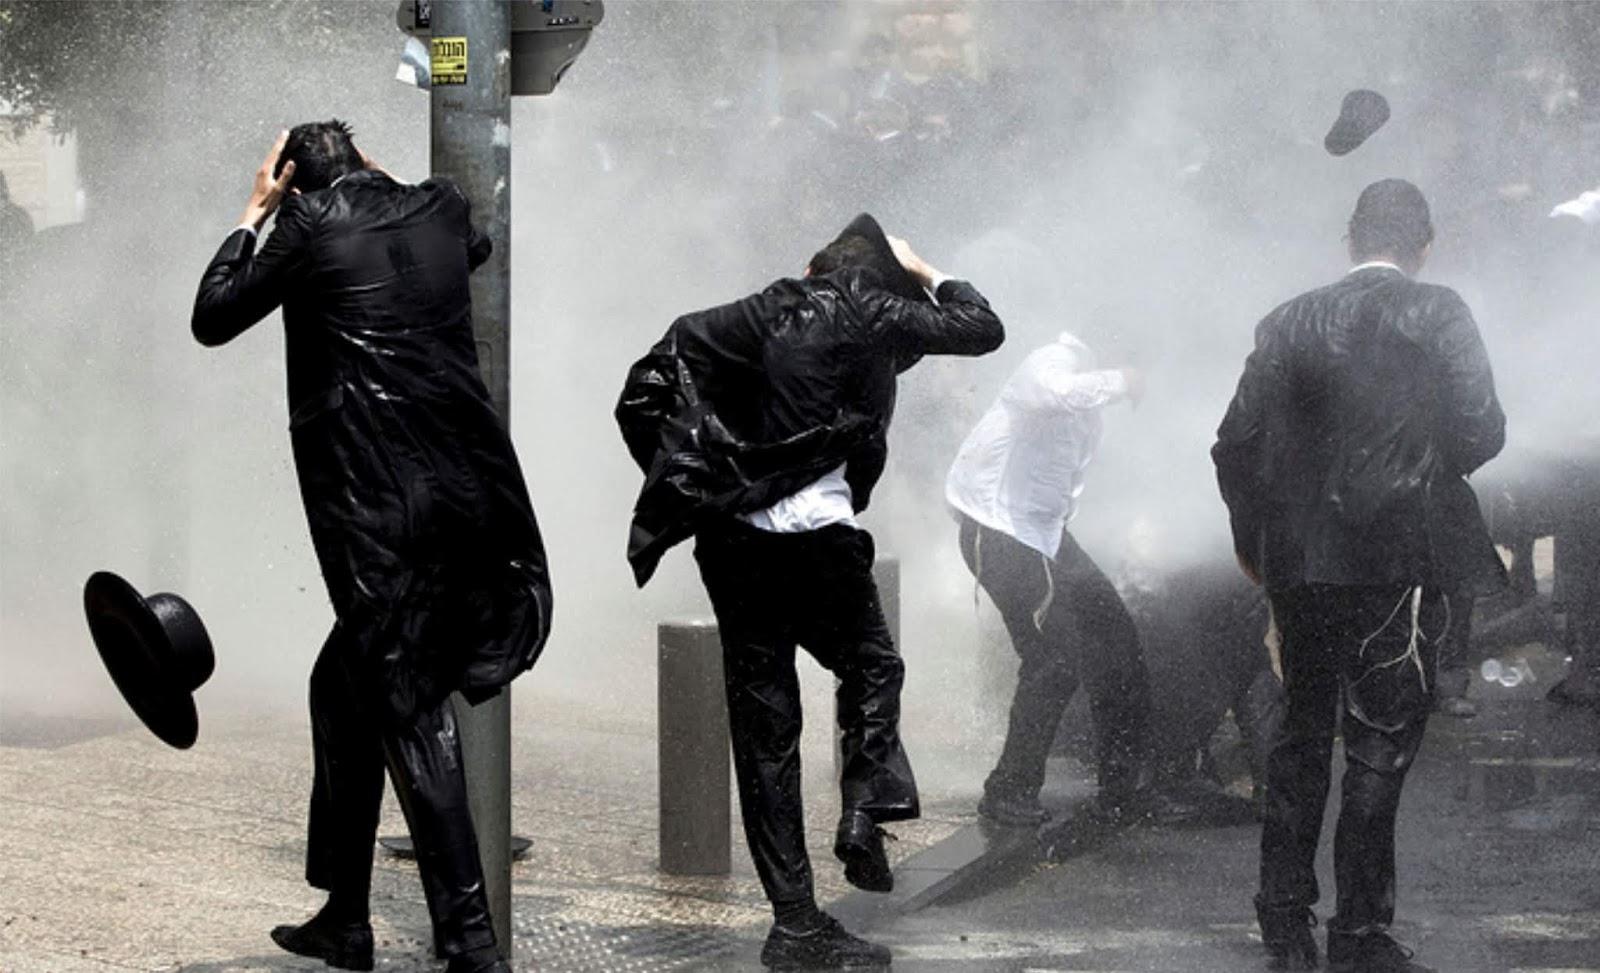 46 orang Yahudi Ortodoks ditahan karena protes terhadap wajib militer ke tentara di Yerusalem